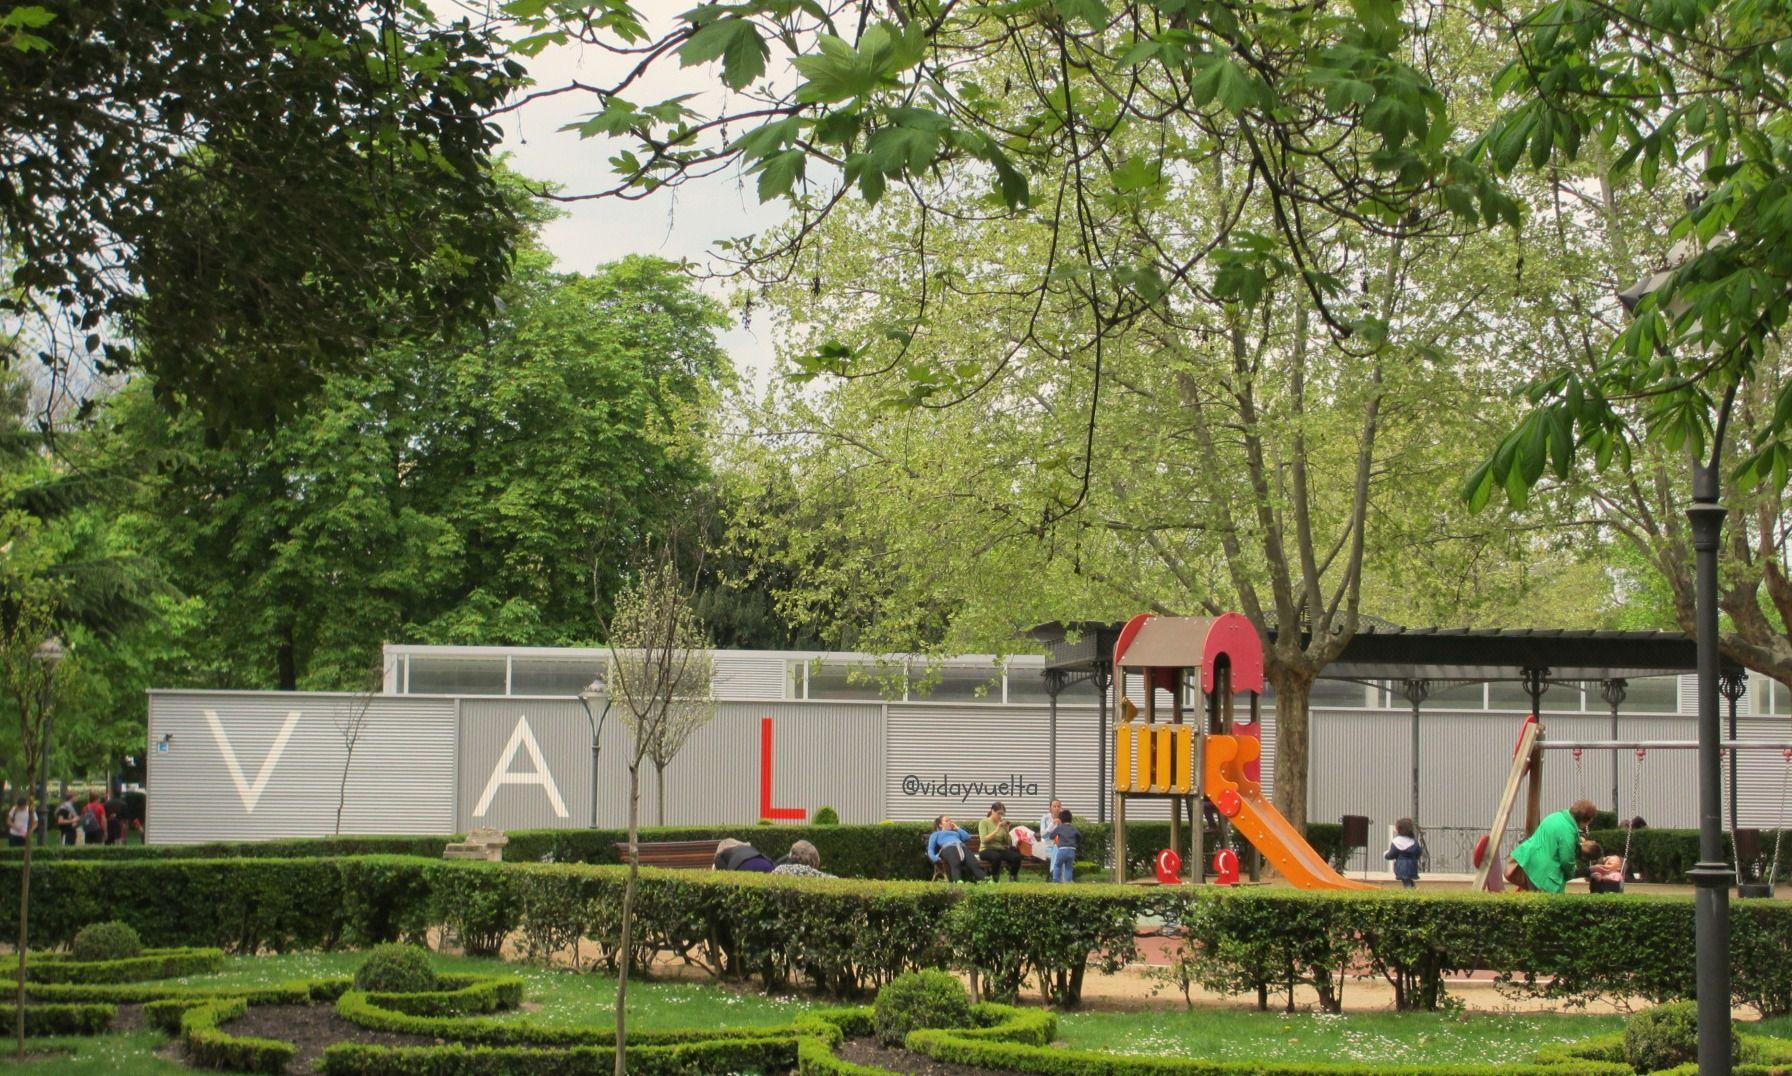 Mercado del Val. Plaza del Poniente